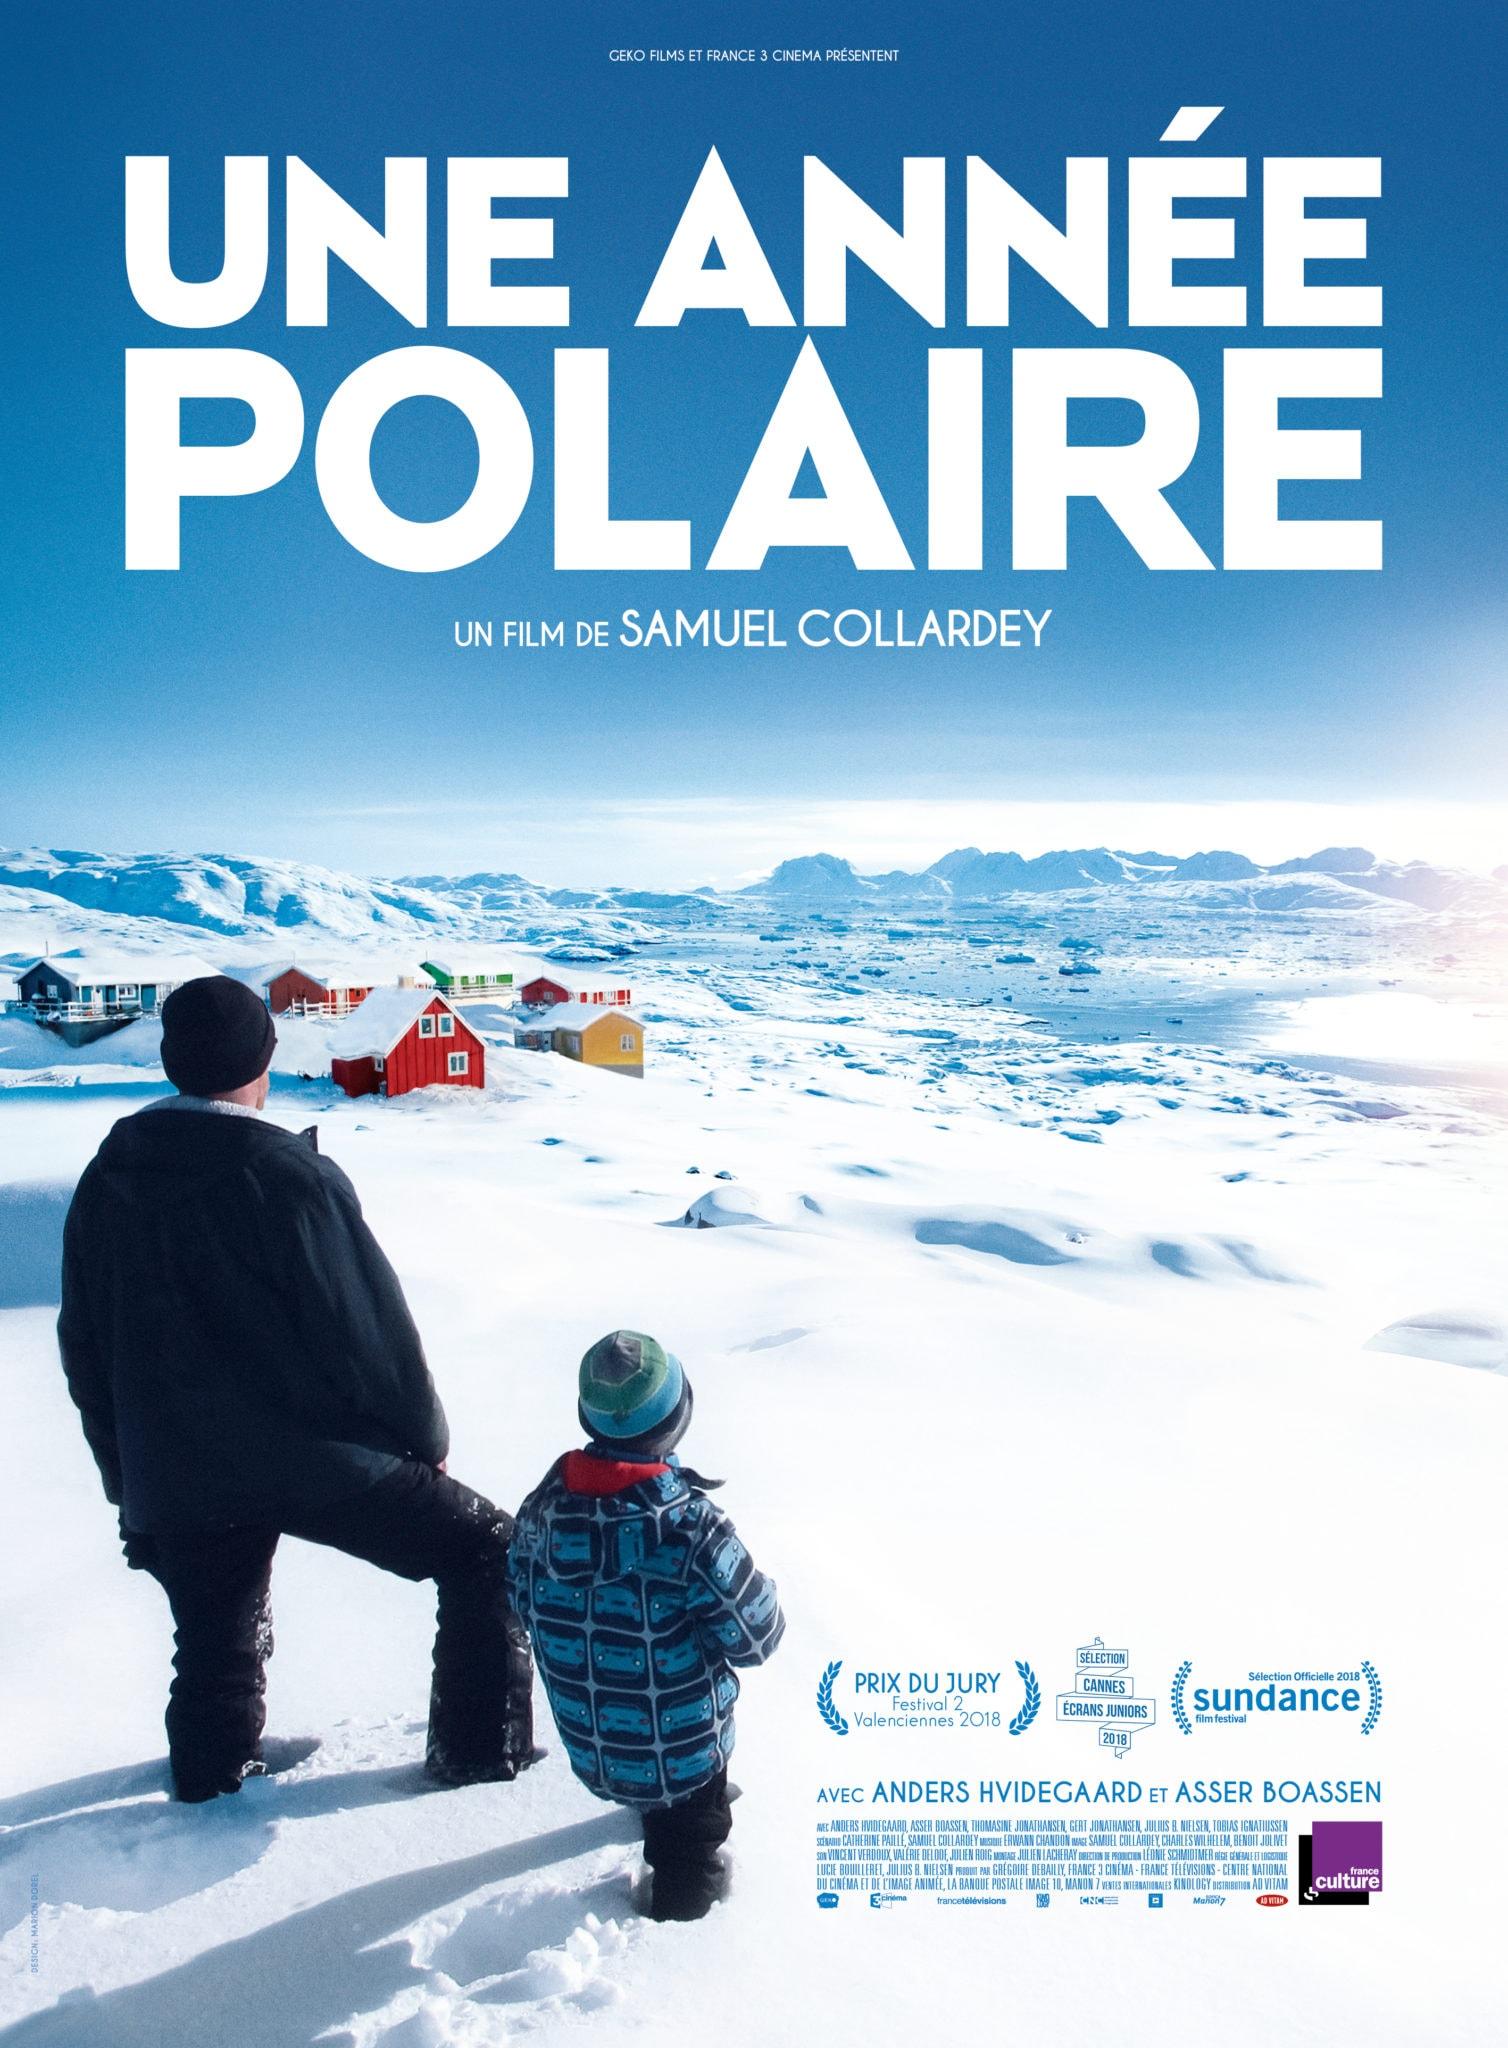 Affiche du film Une année polaire de Samuel Collardey